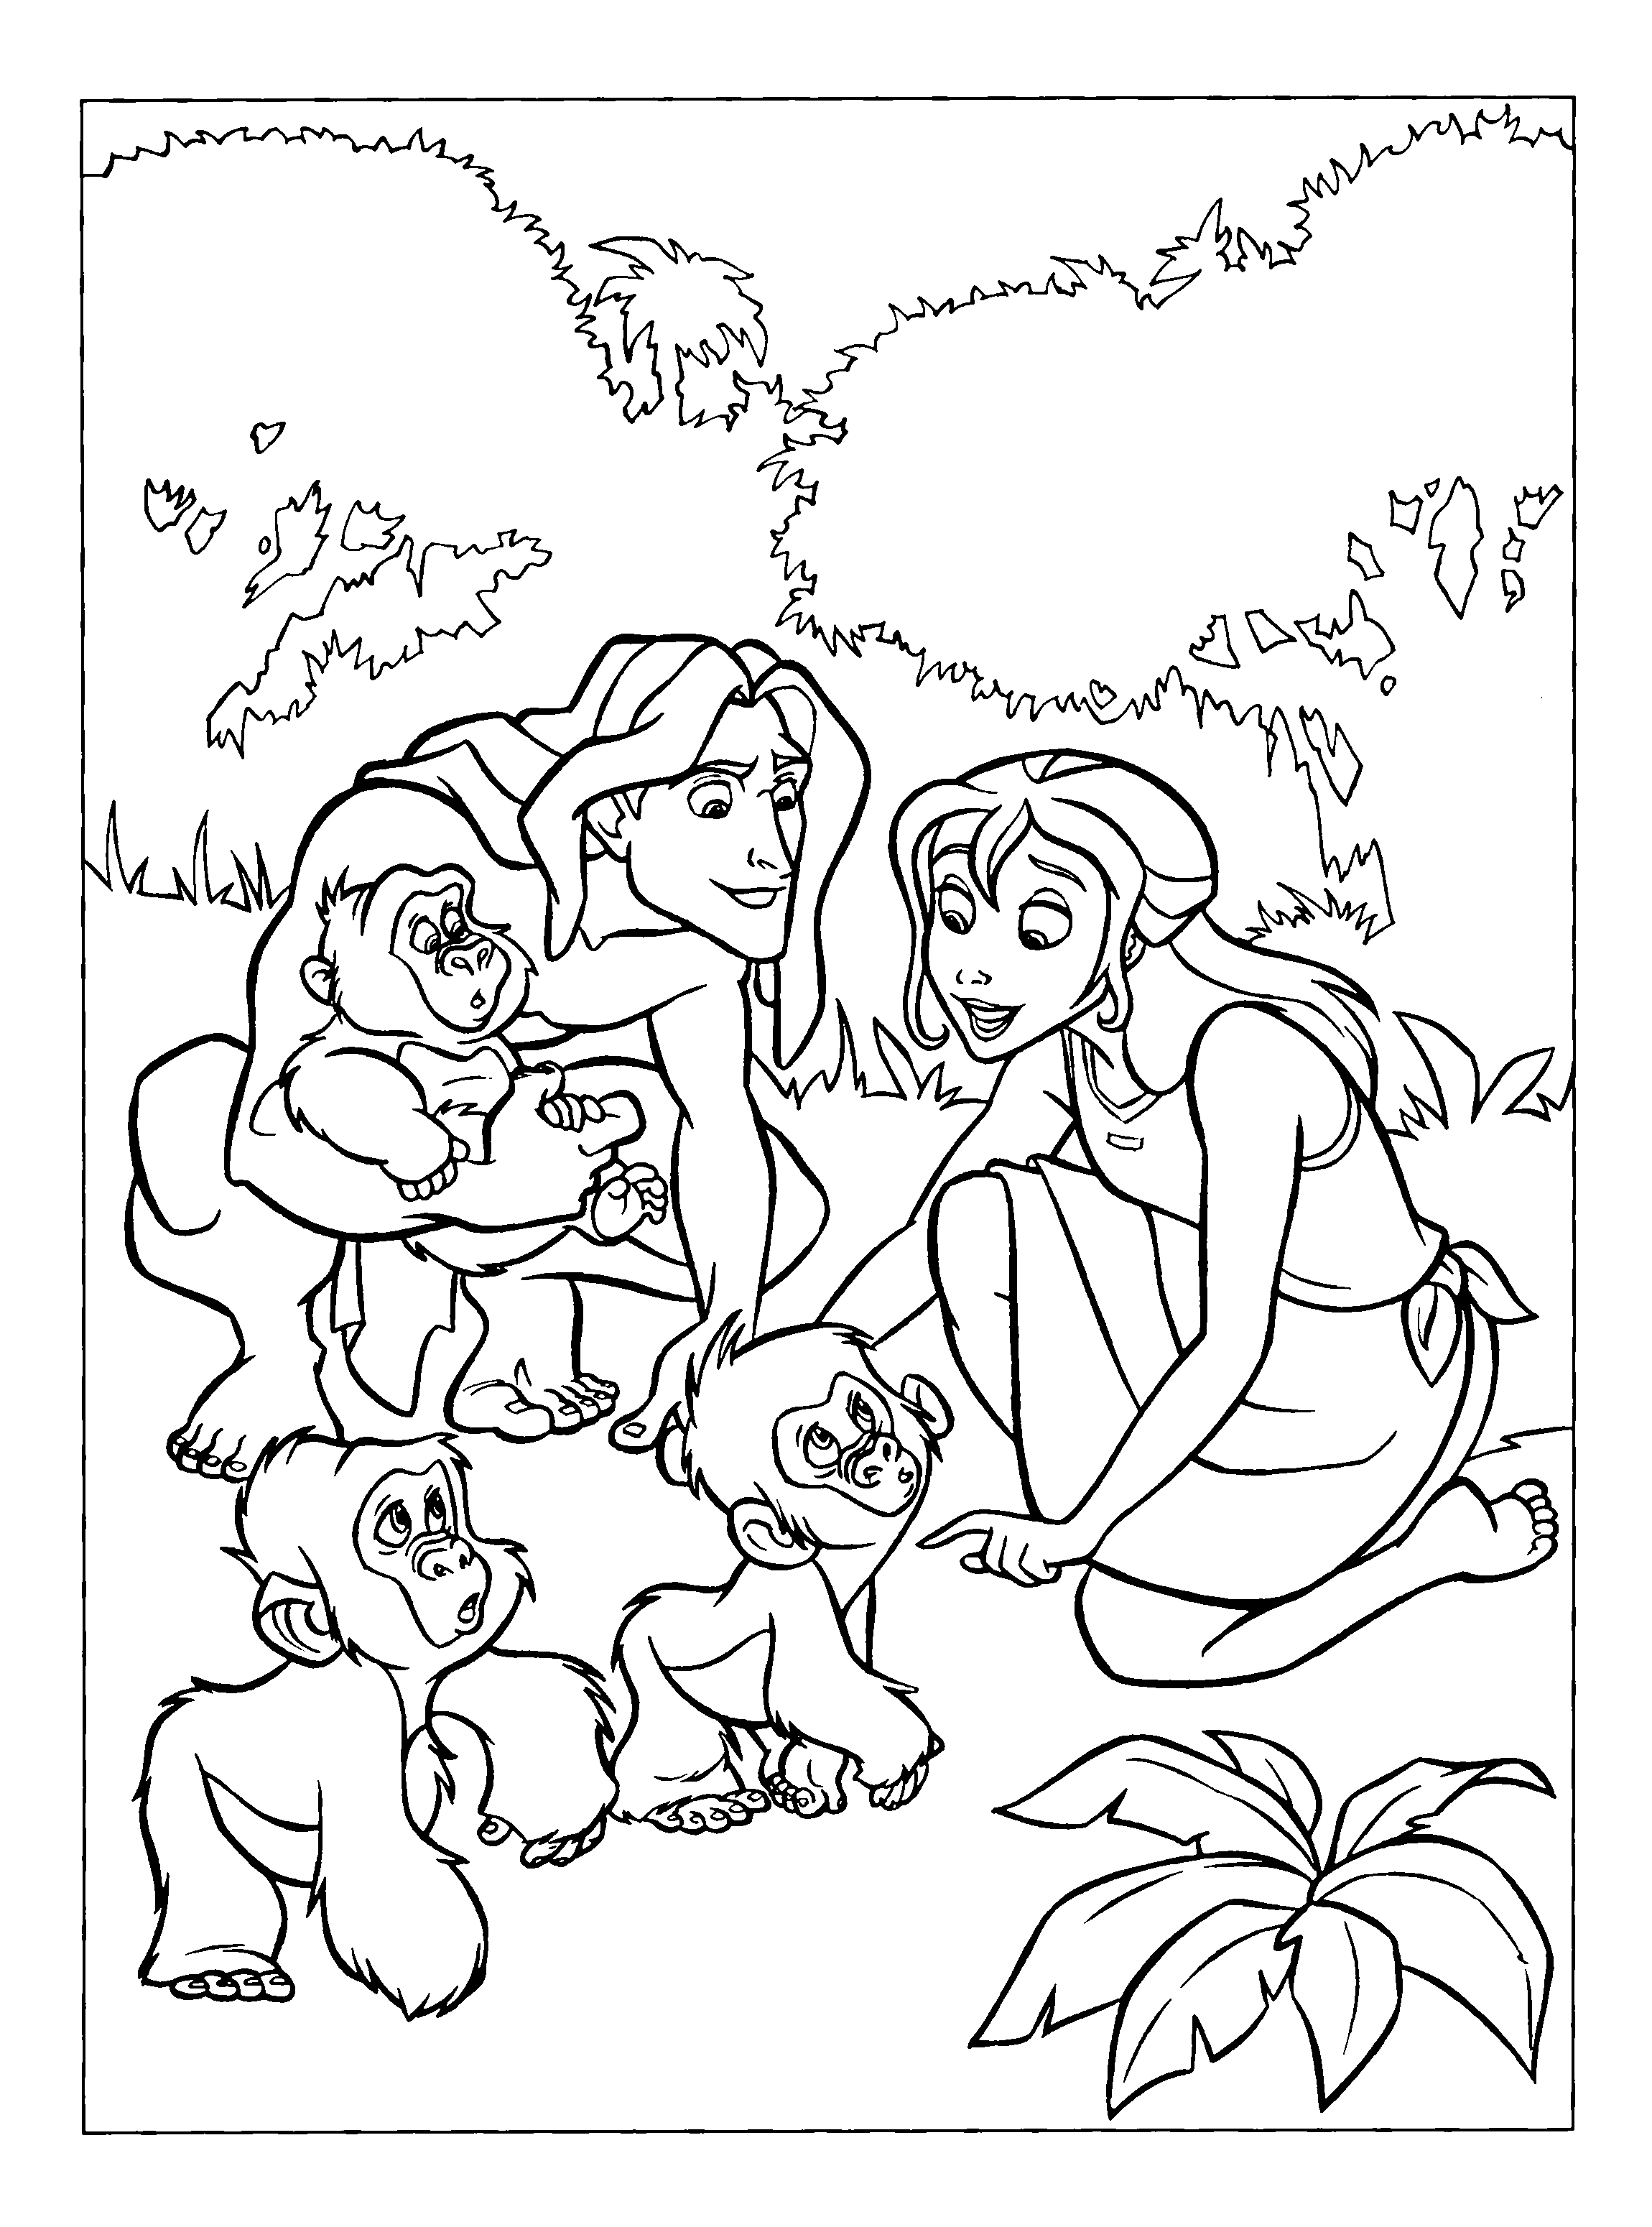 раскраски на тему тарзан                     раскраски на тему тарзан для мальчиков и девочек. Интересные раскраски с персонажами диснеевского мультфильма Тарзна для детей и взрослых